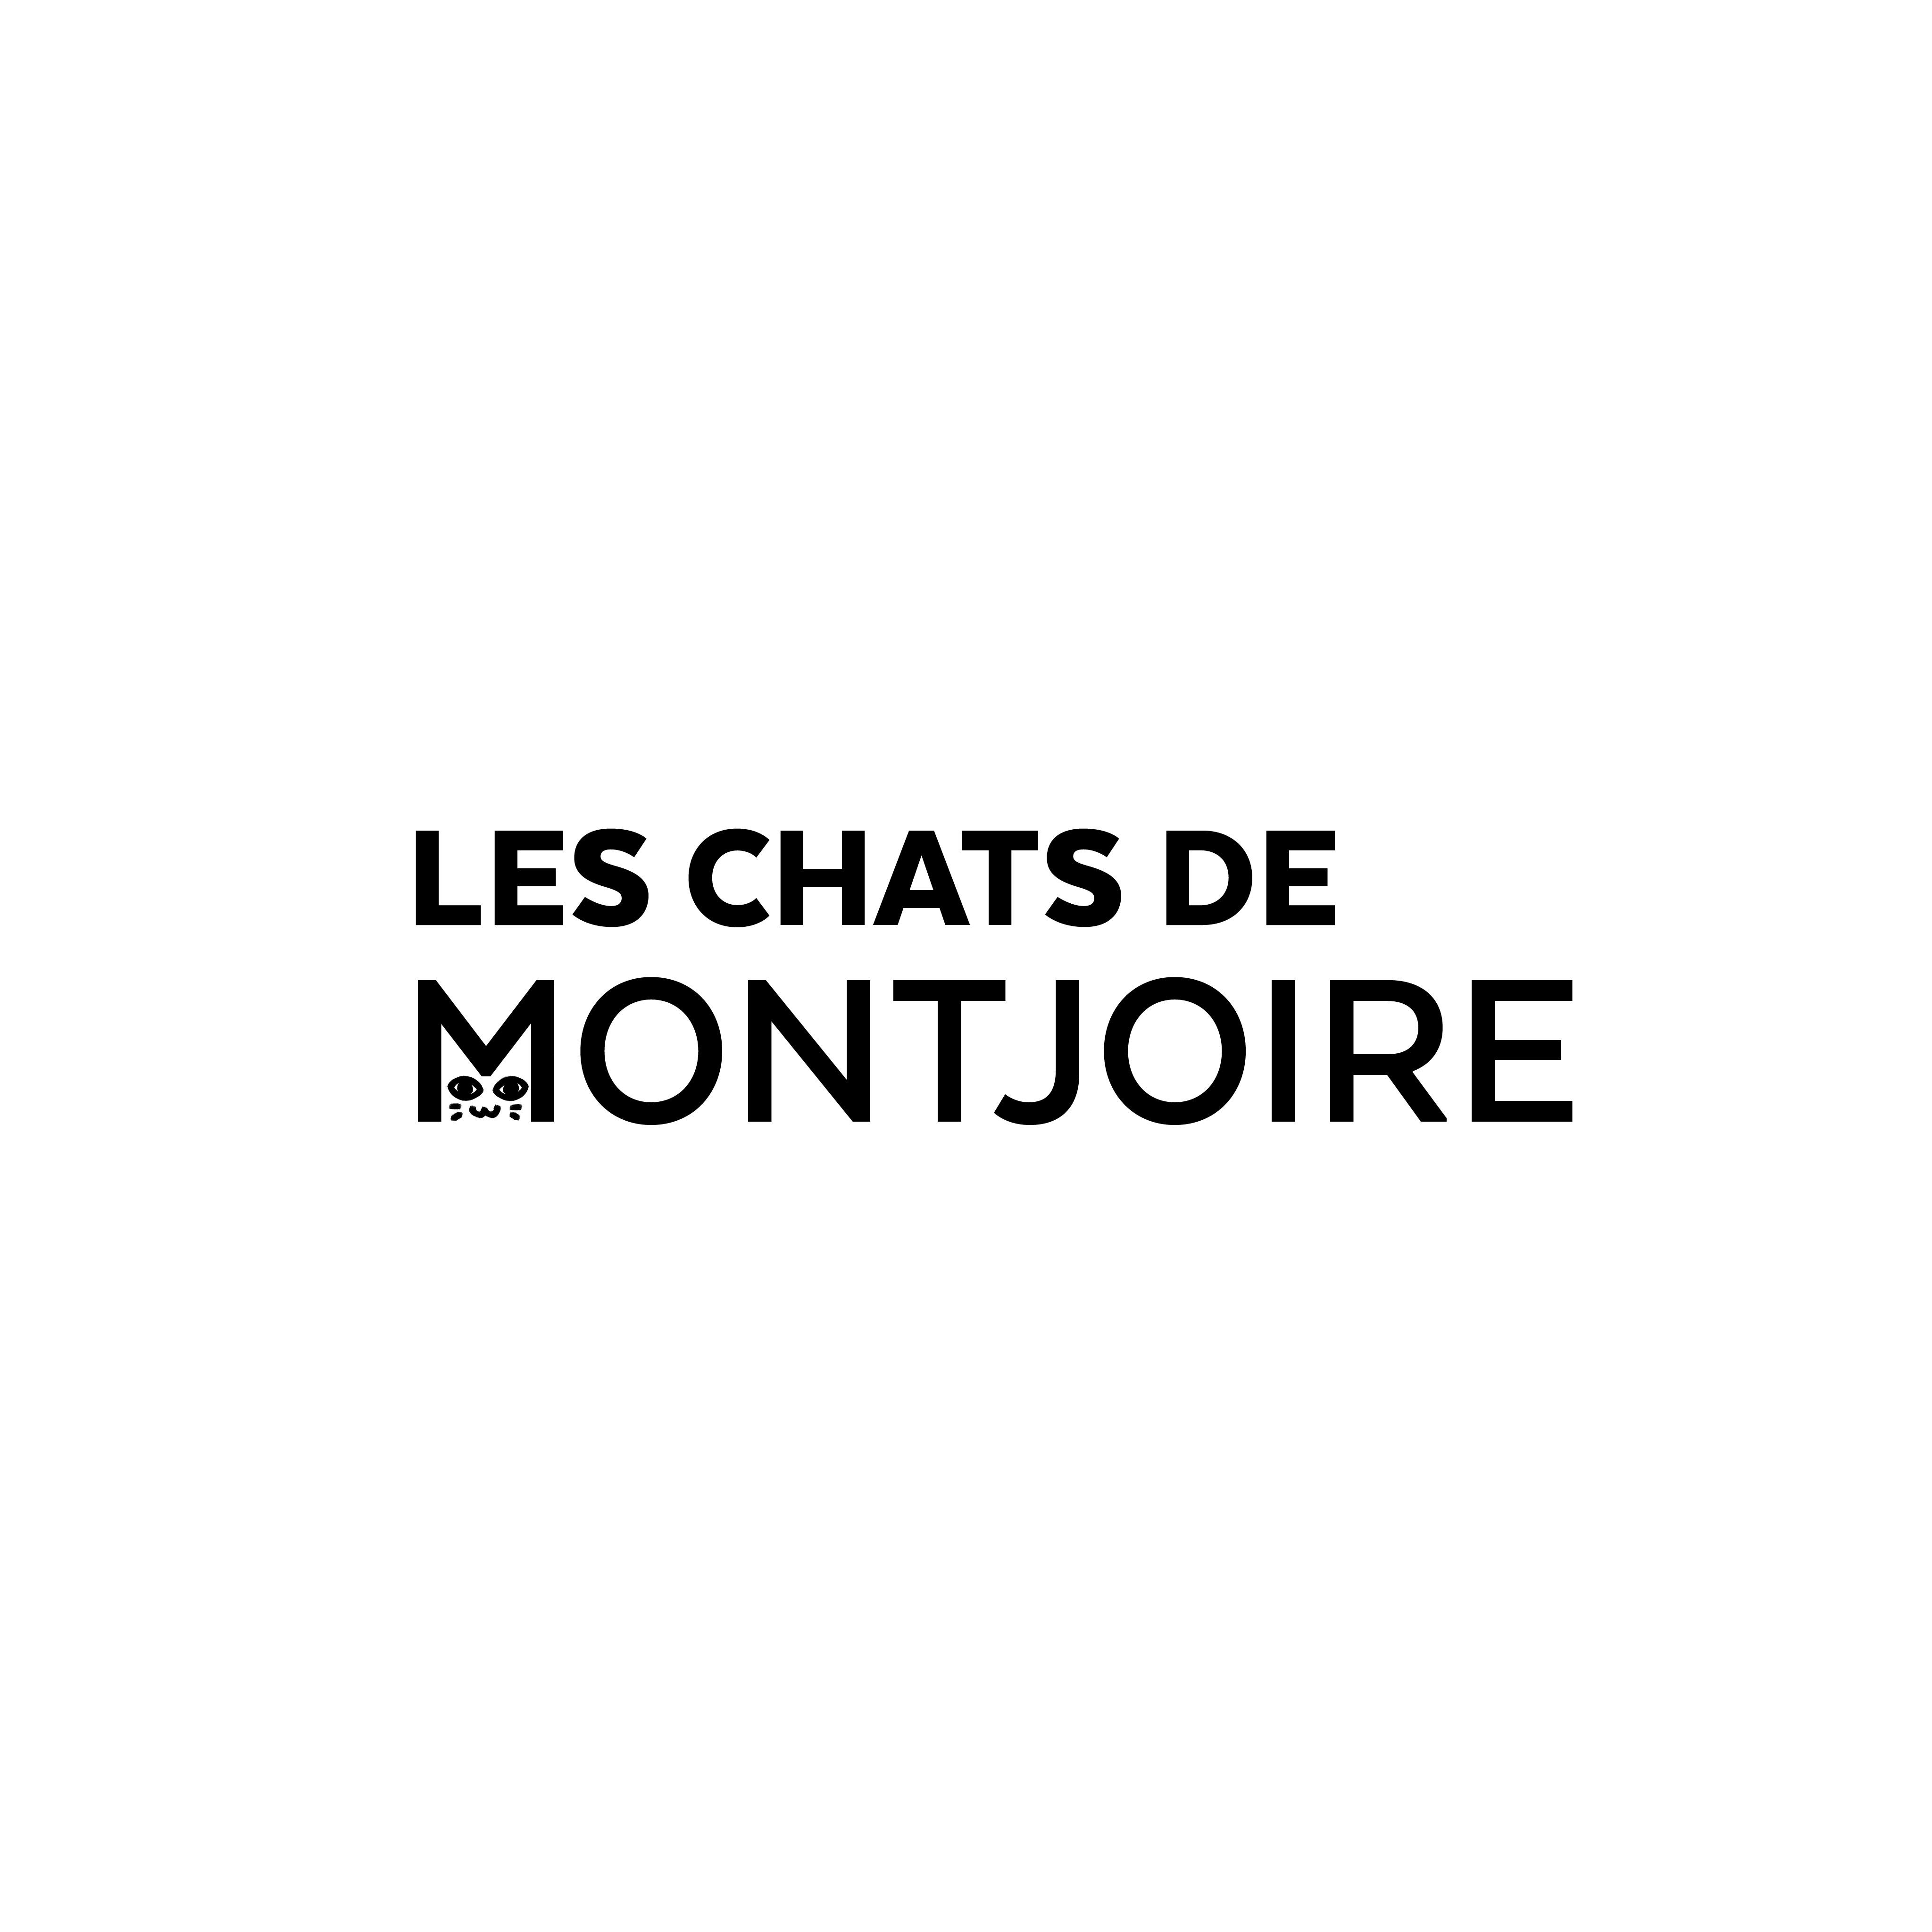 LES CHATS DE MONTJOIRE